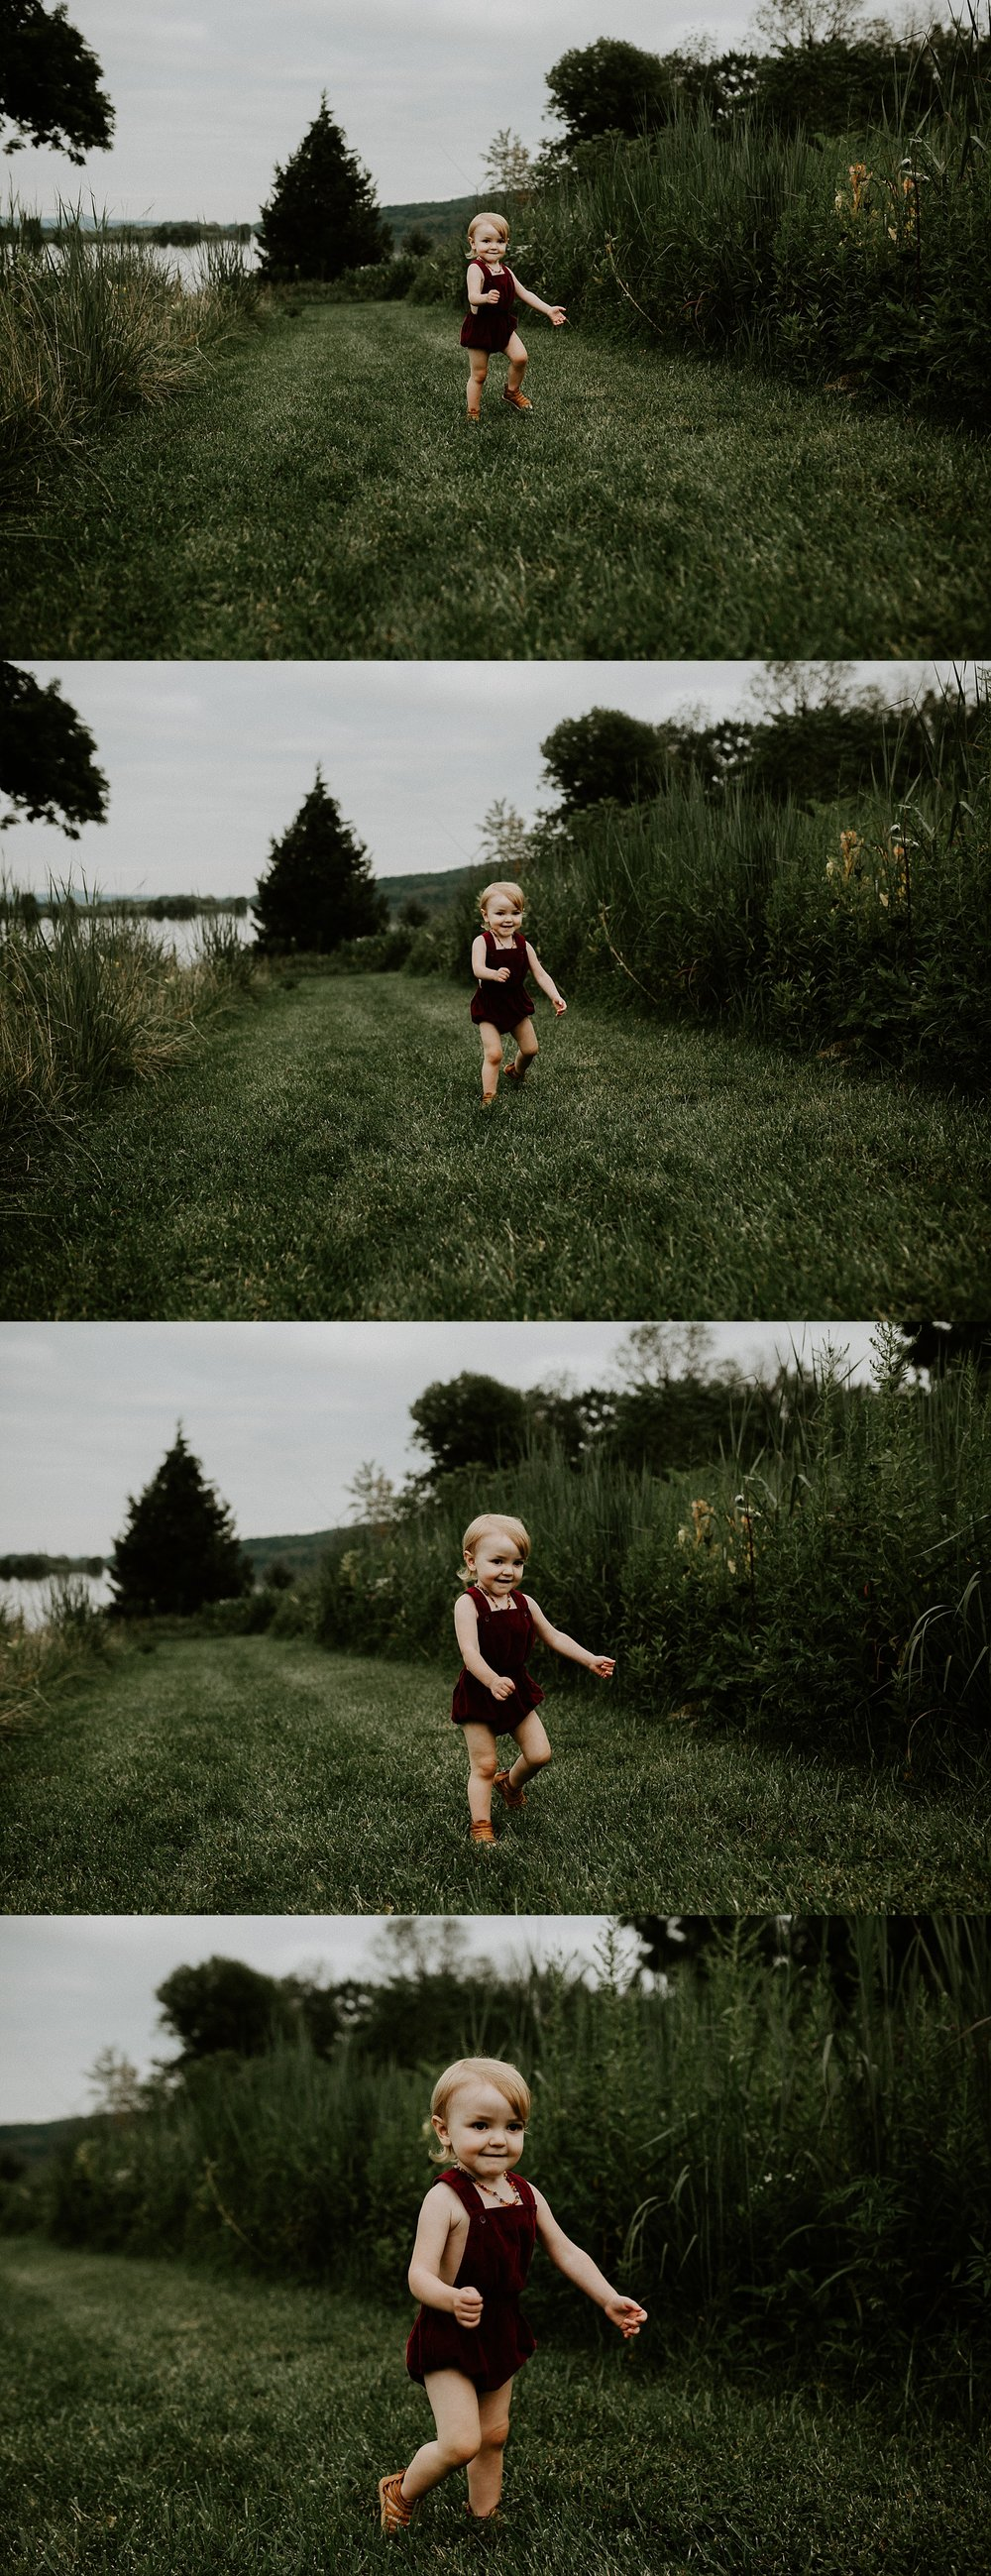 little girl running through fields